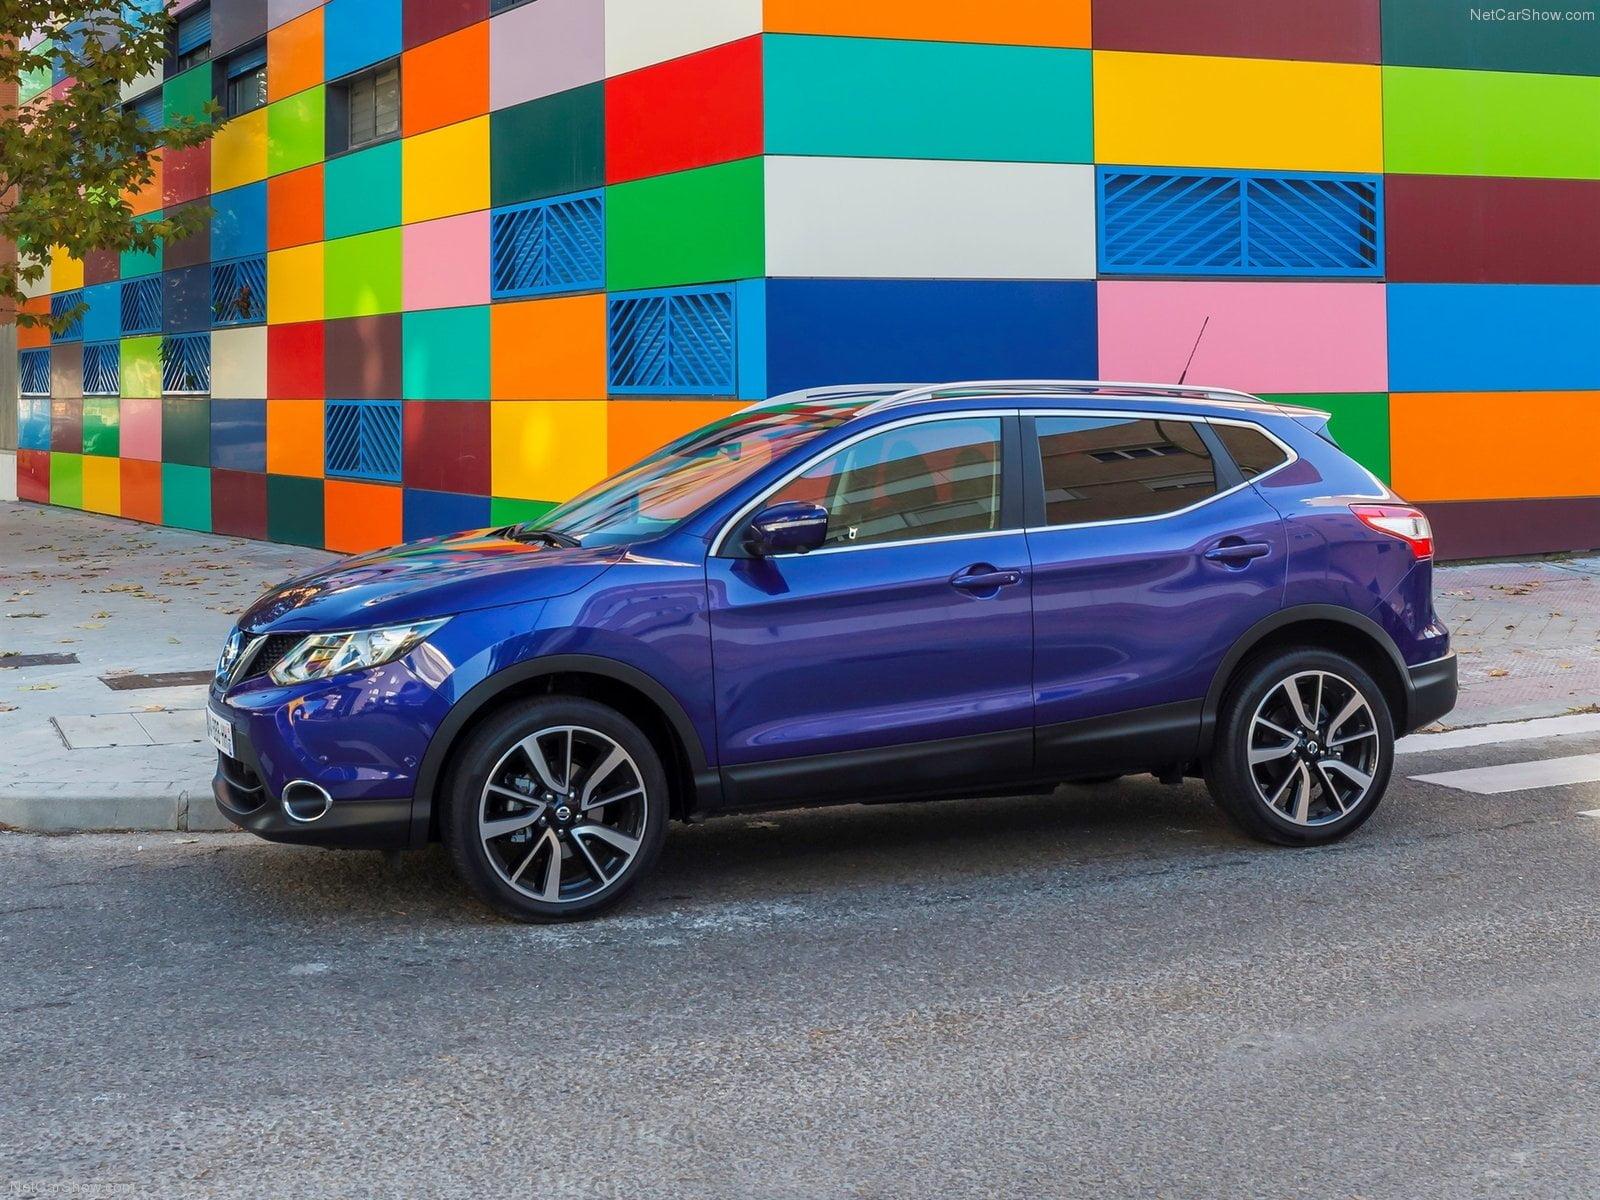 Bulgaria vehicles sales in Q1 2016